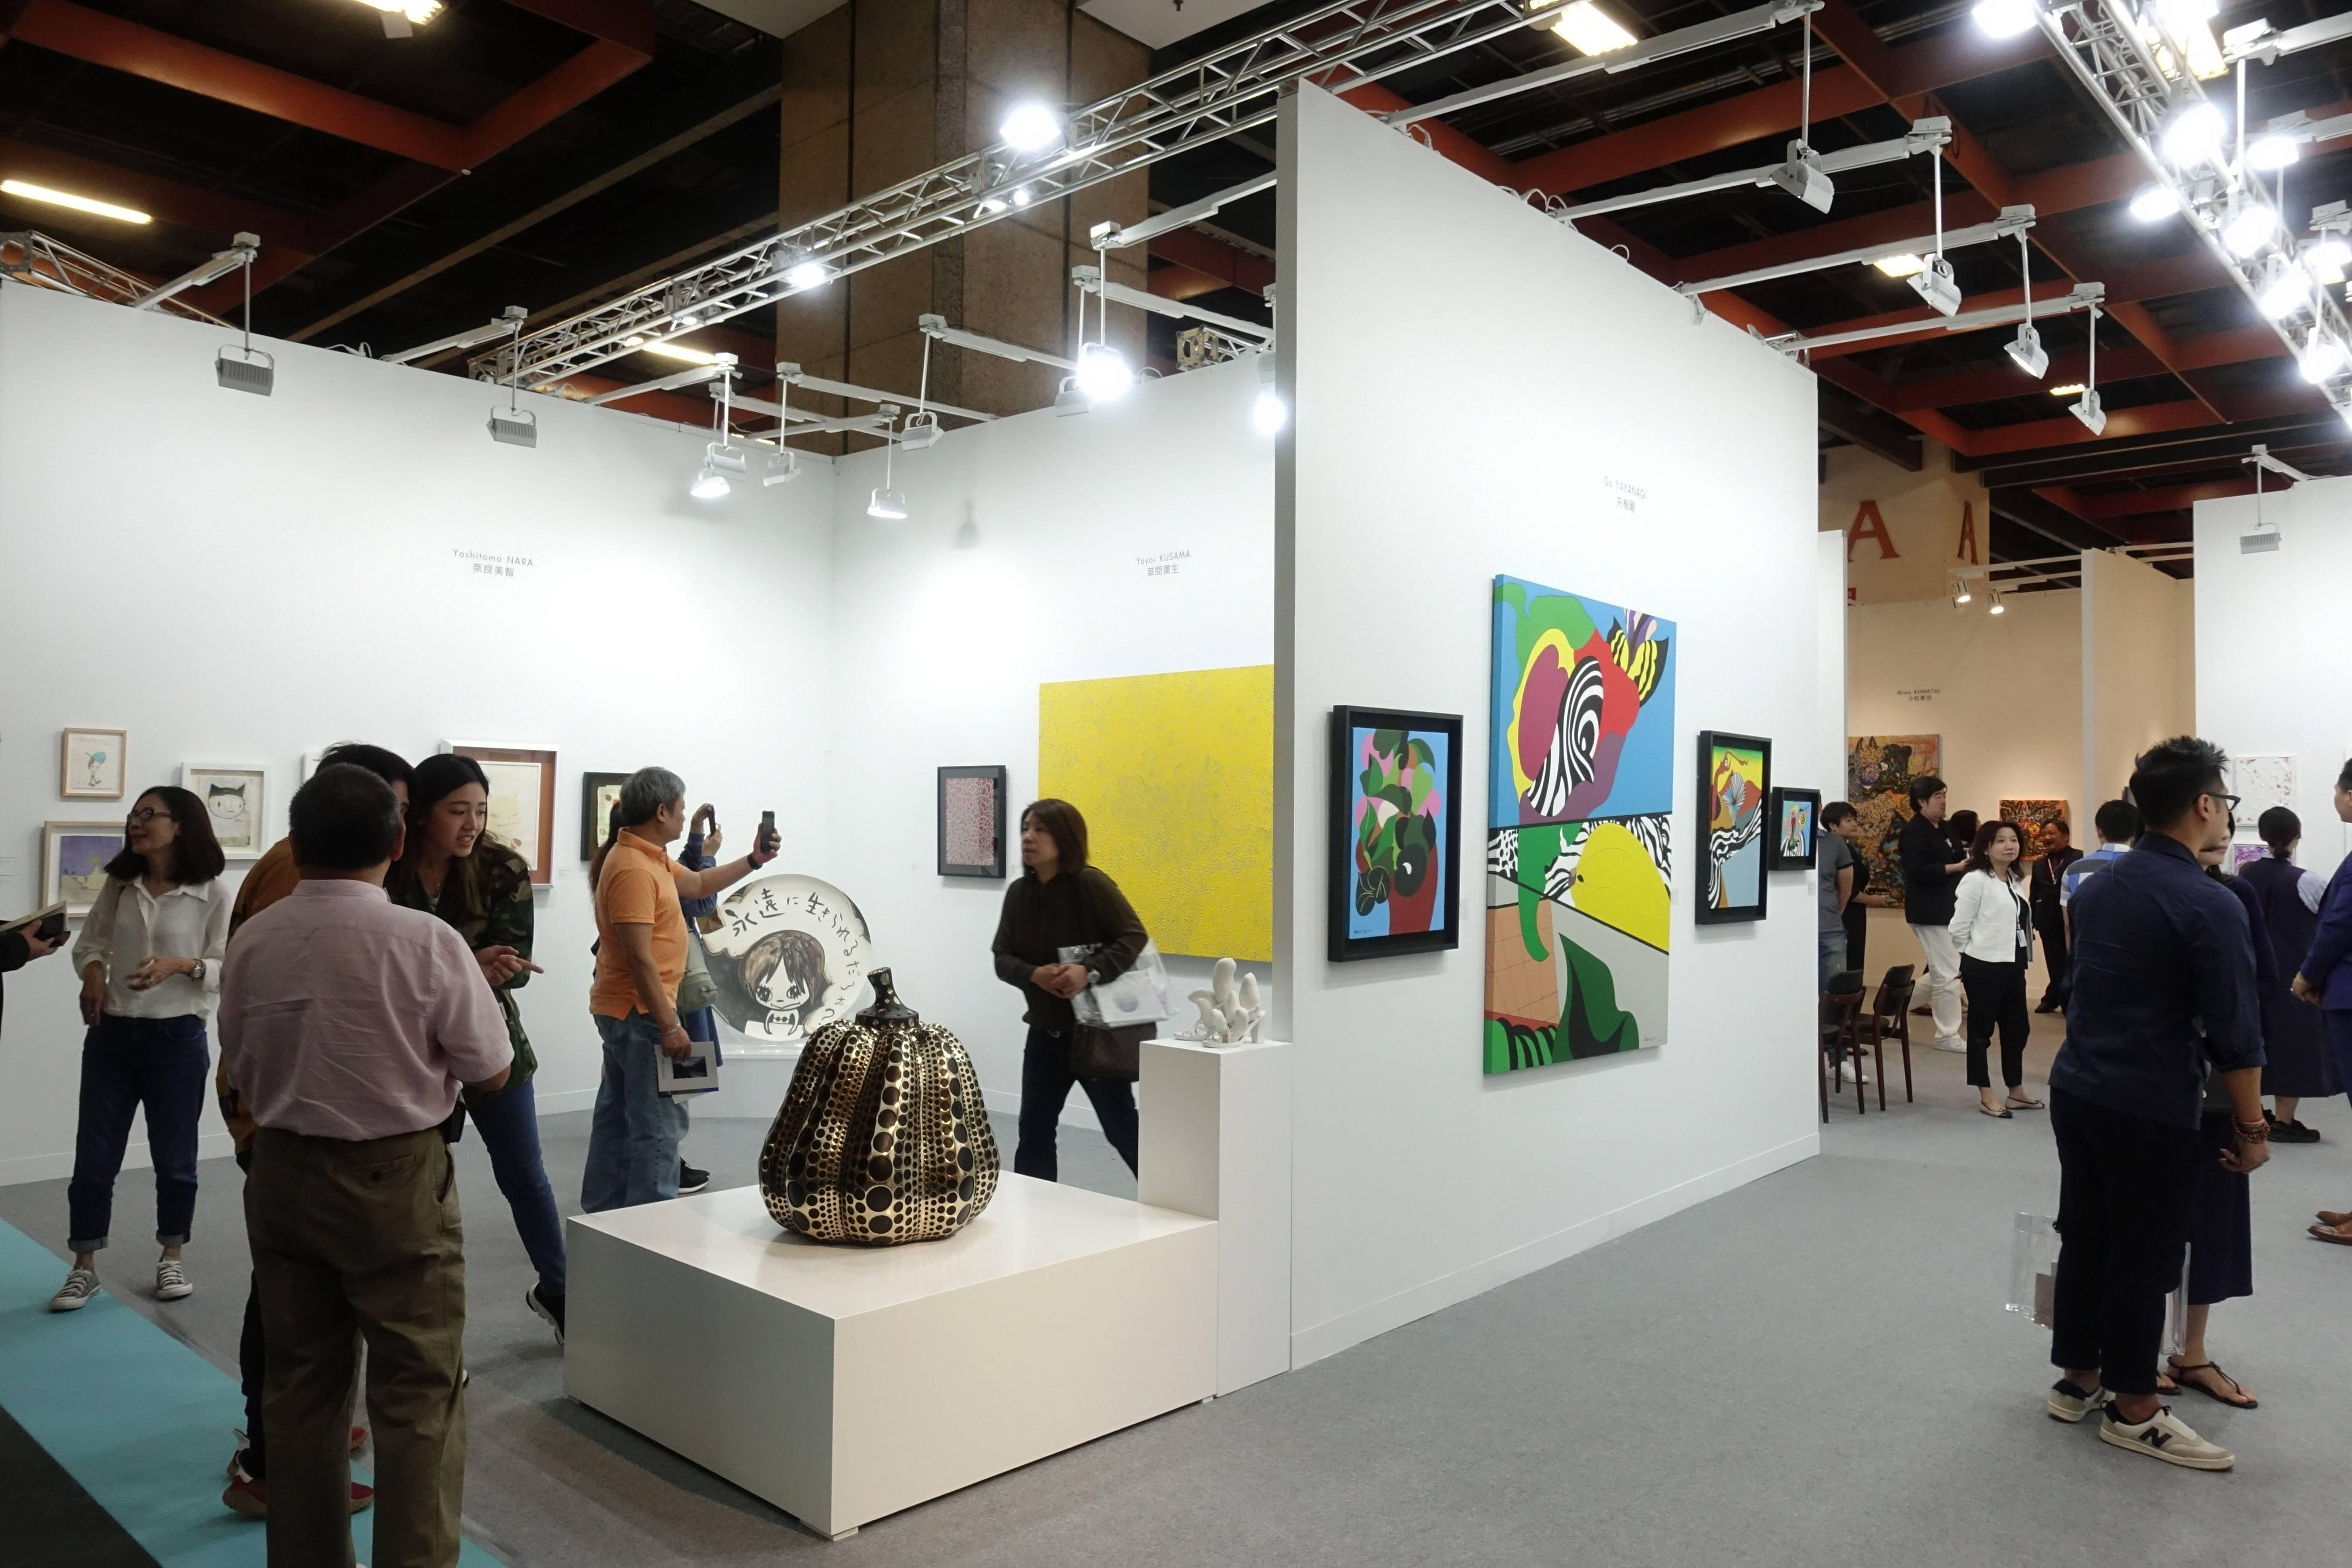 日本白石畫廊現場人潮。